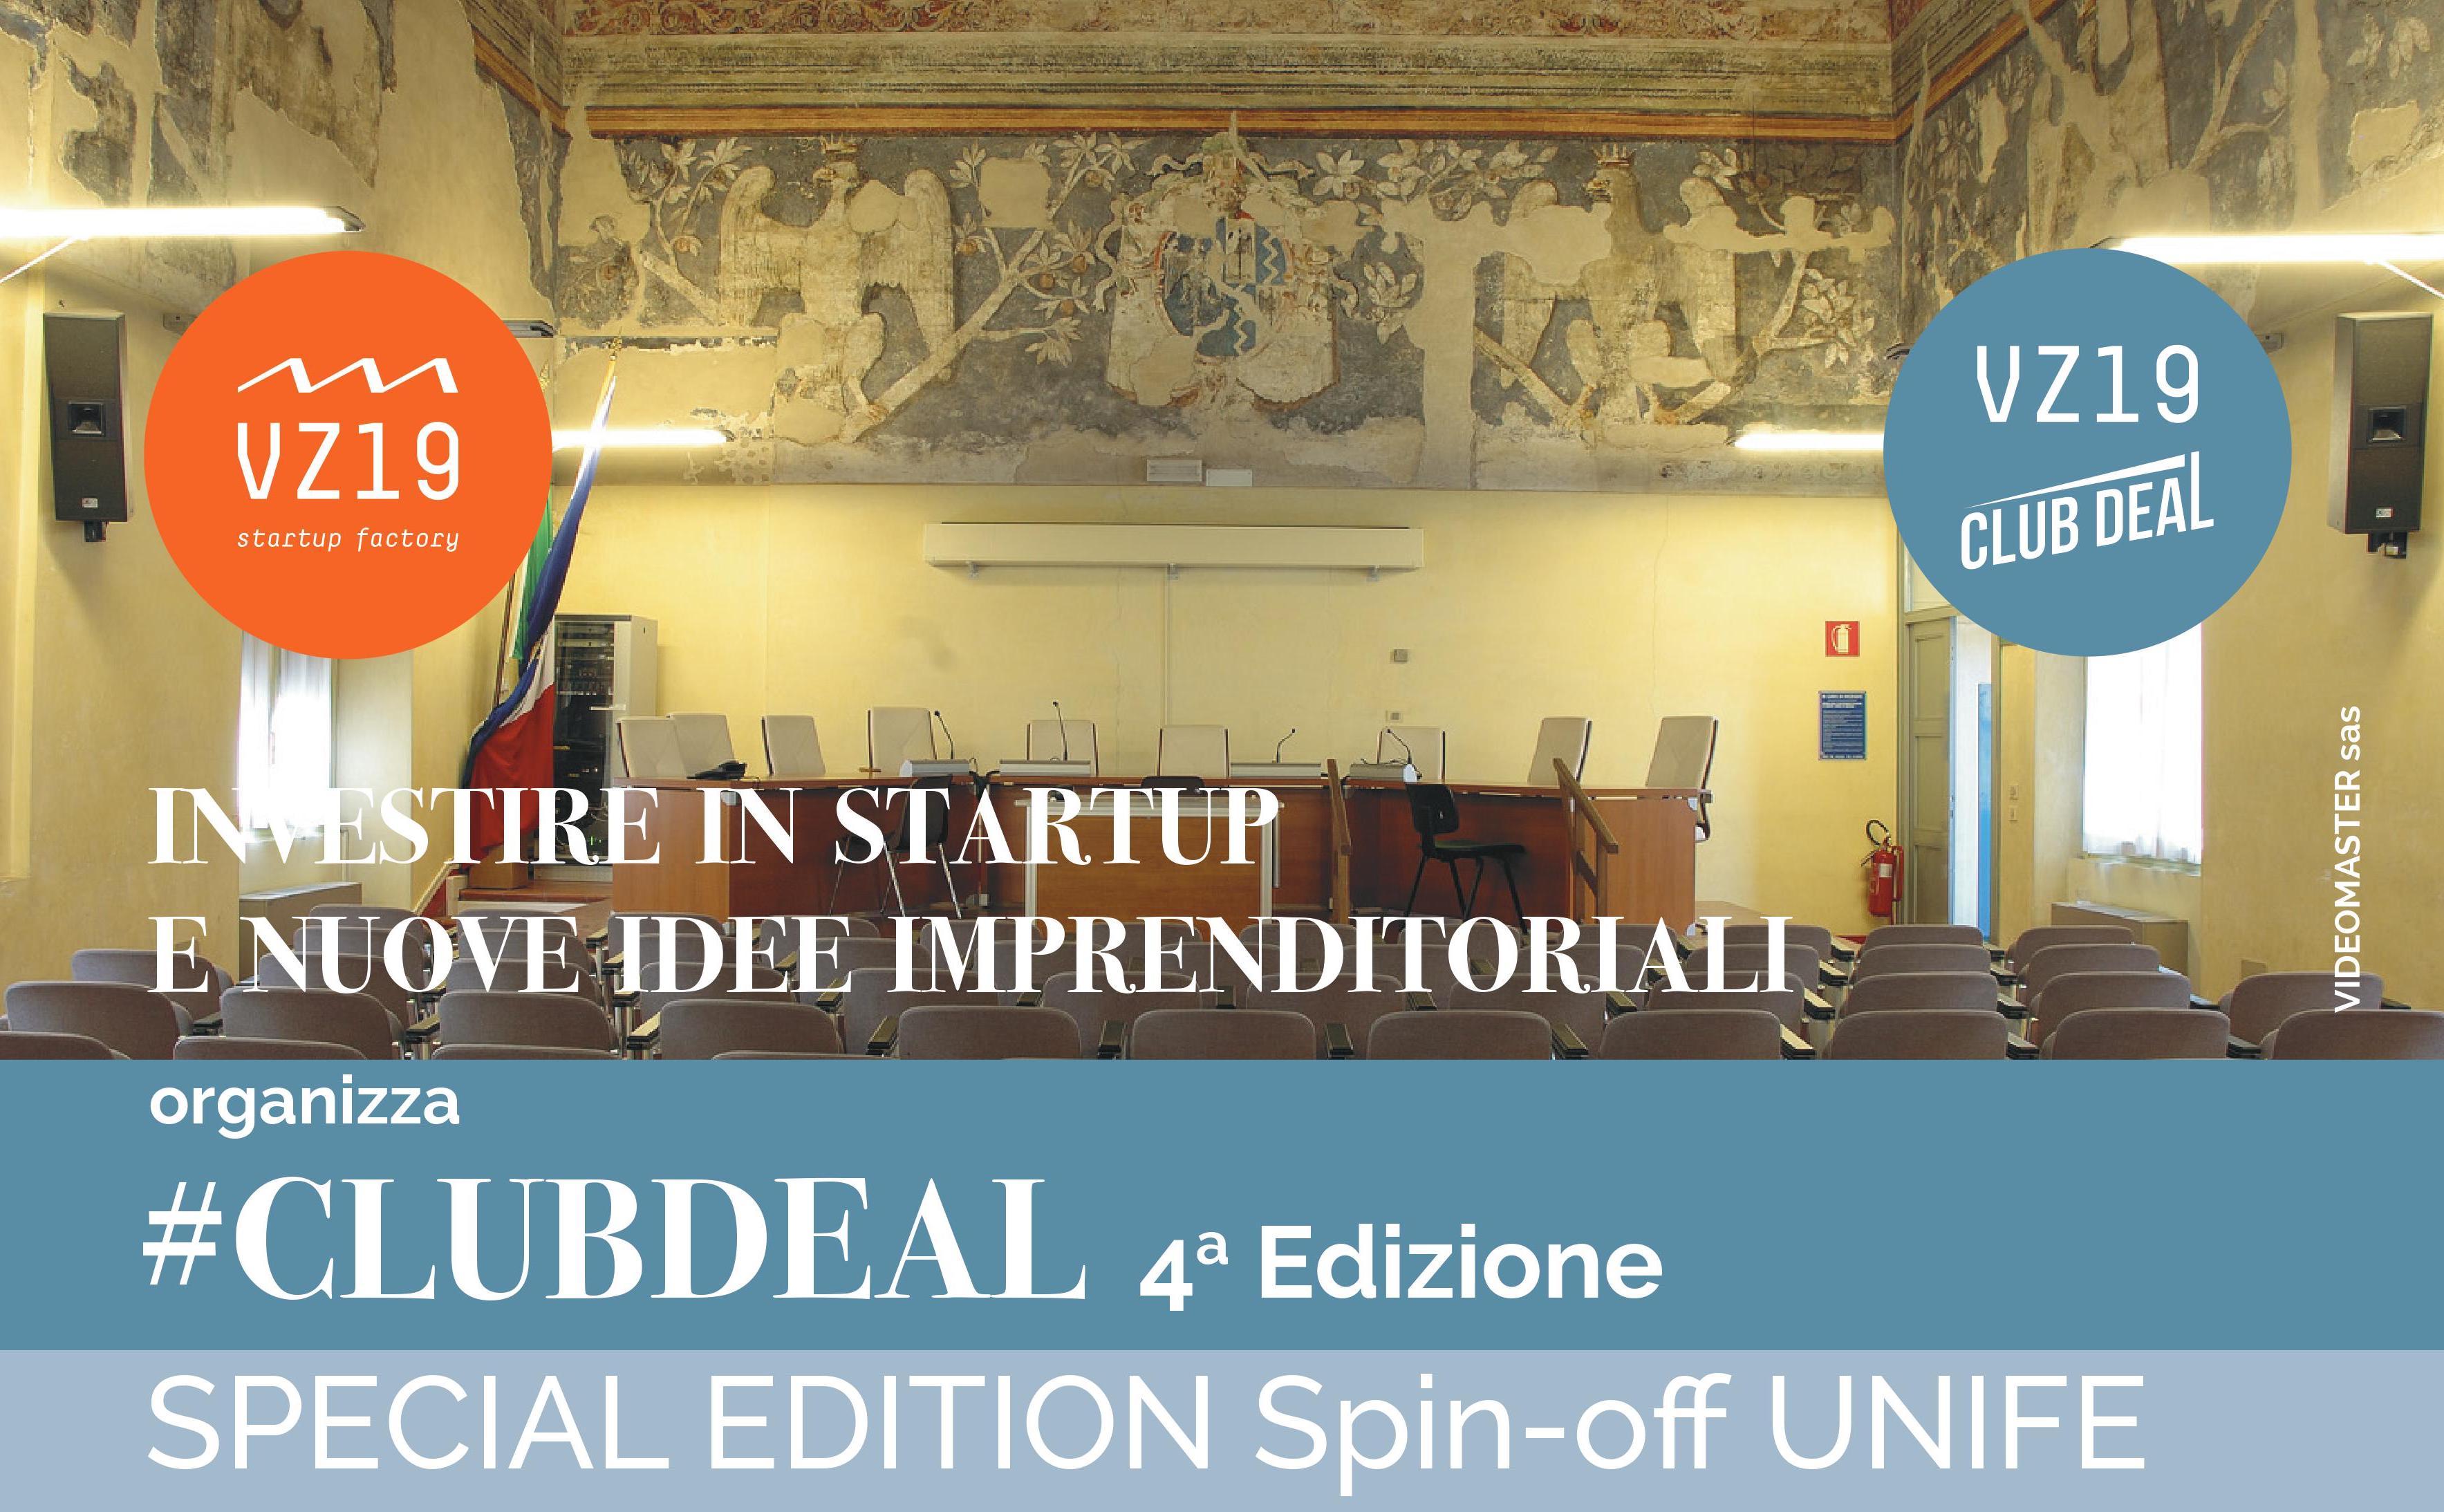 Club Deal: il 25 gennaio, nell'edizione dedicata agli spin-off Unife, verranno presentati alle imprese i risultati delle ricerche universitarie